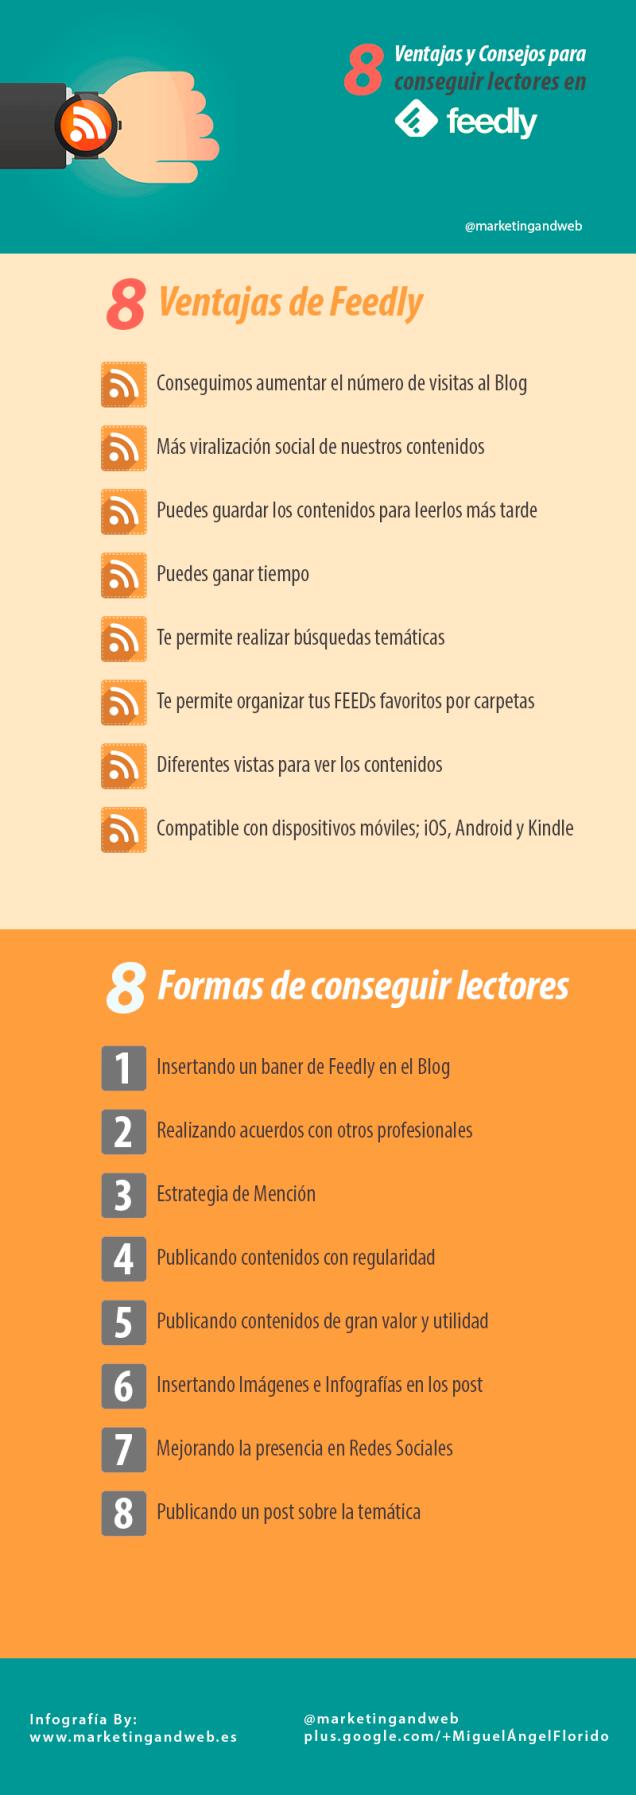 8 ventajas de Feedly + 8 formas de conseguir más lectores